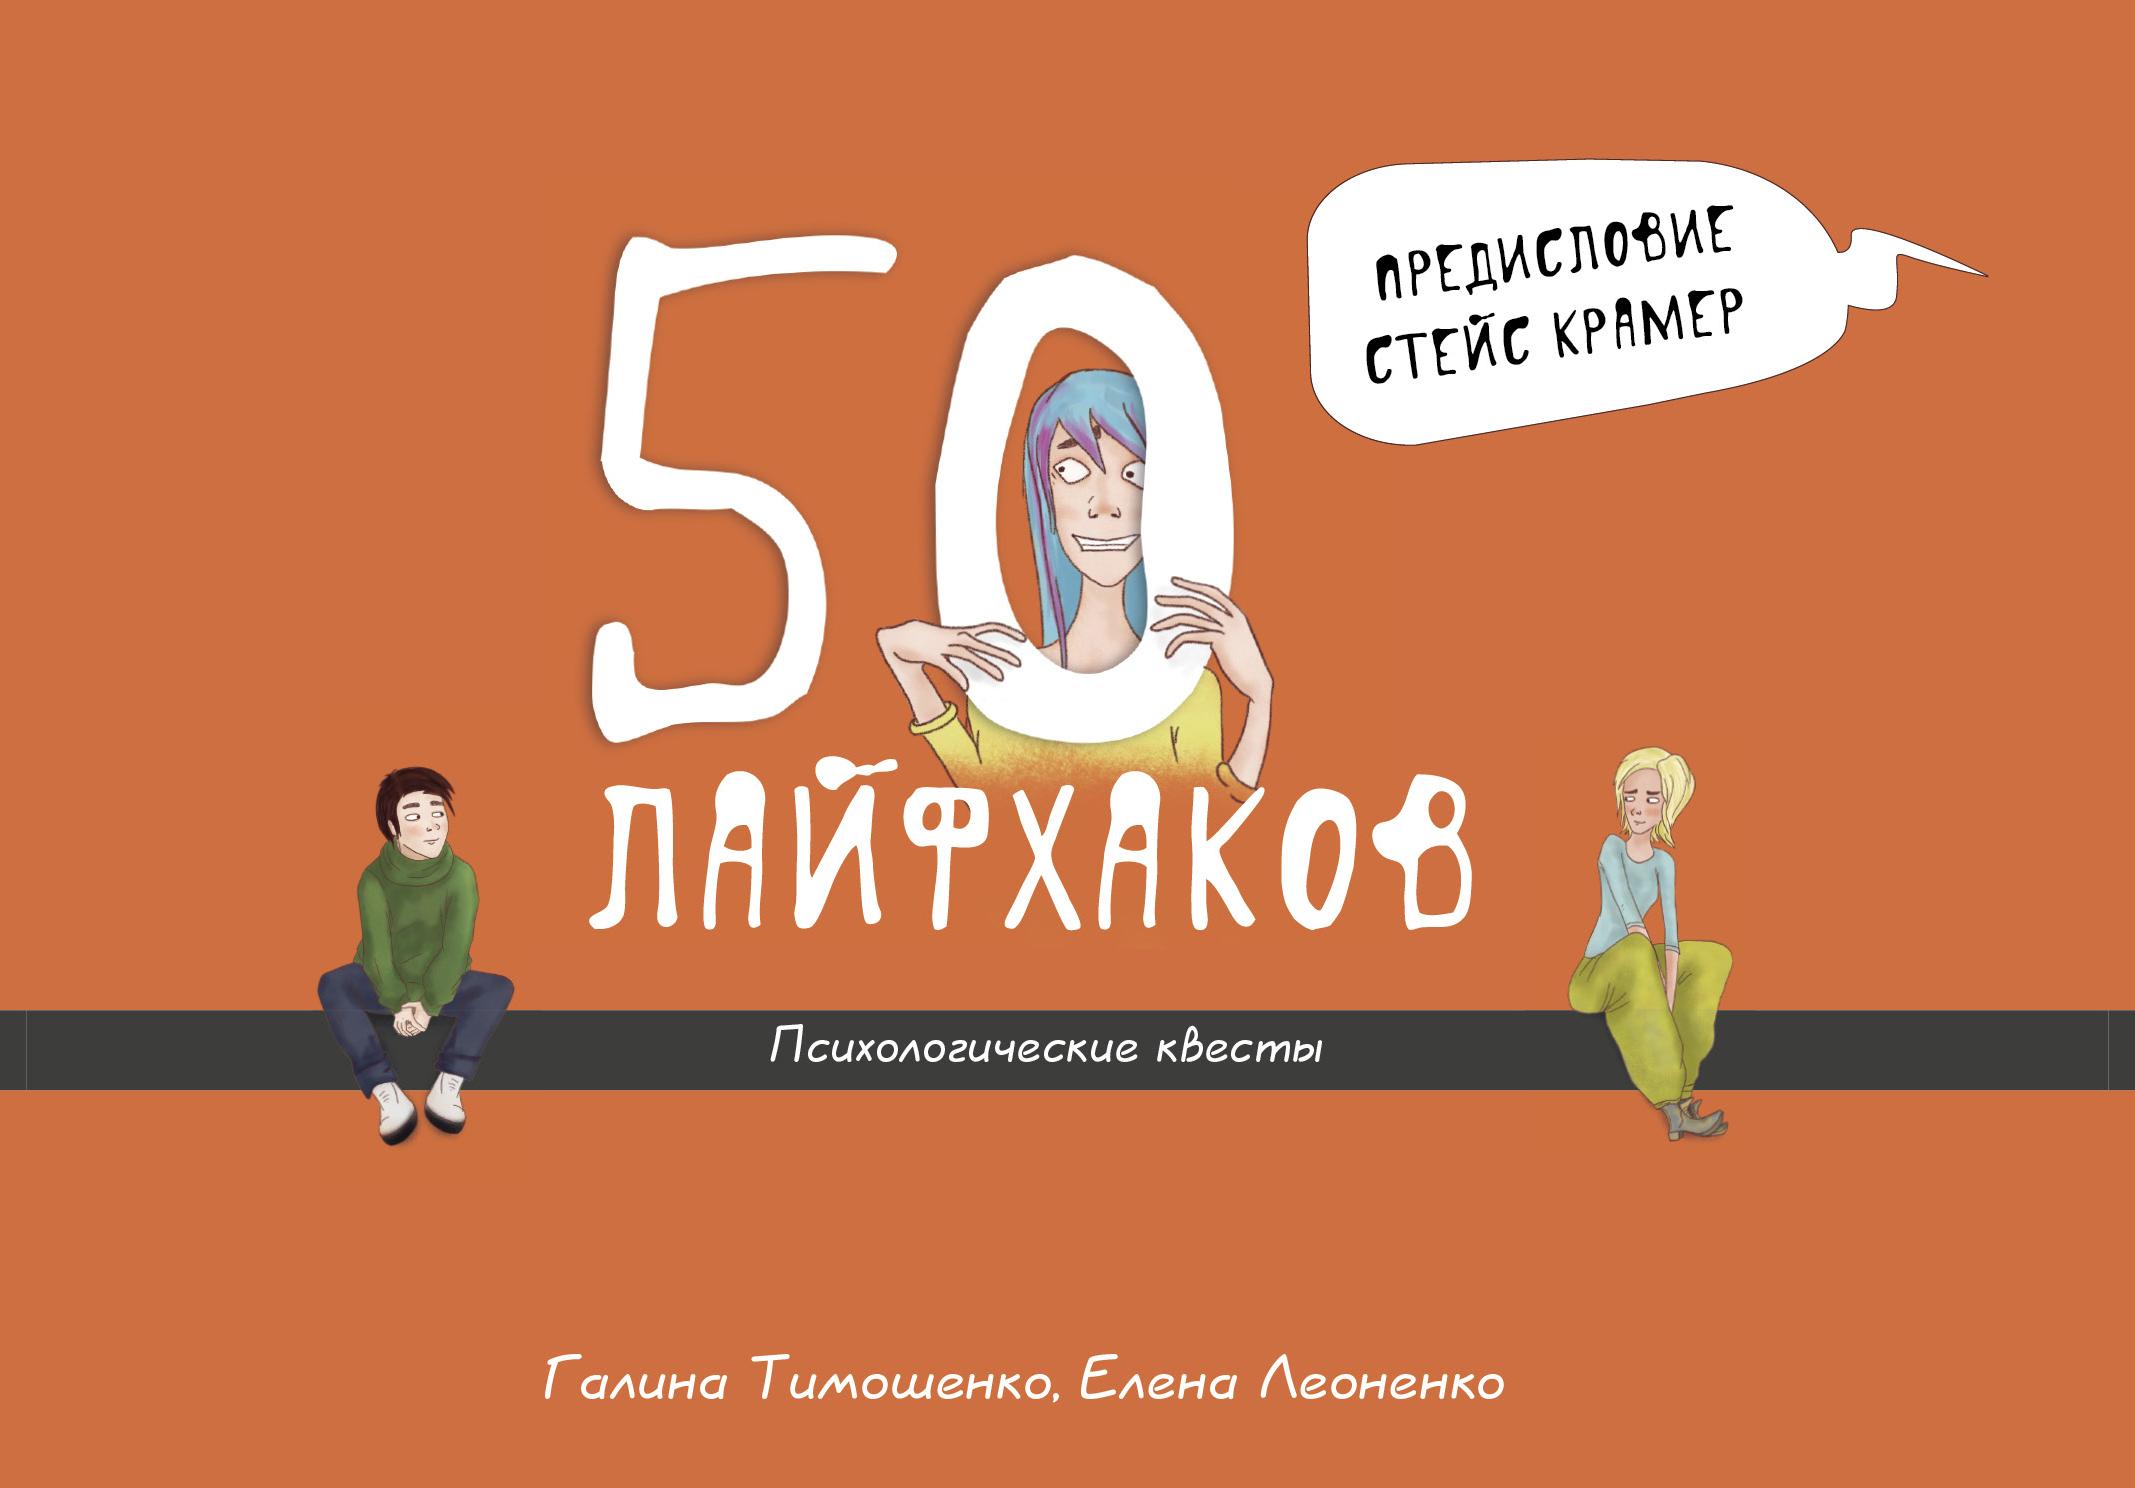 Галина Тимошенко, Елена Леоненко. 50 лайфхаков. Психологические квесты